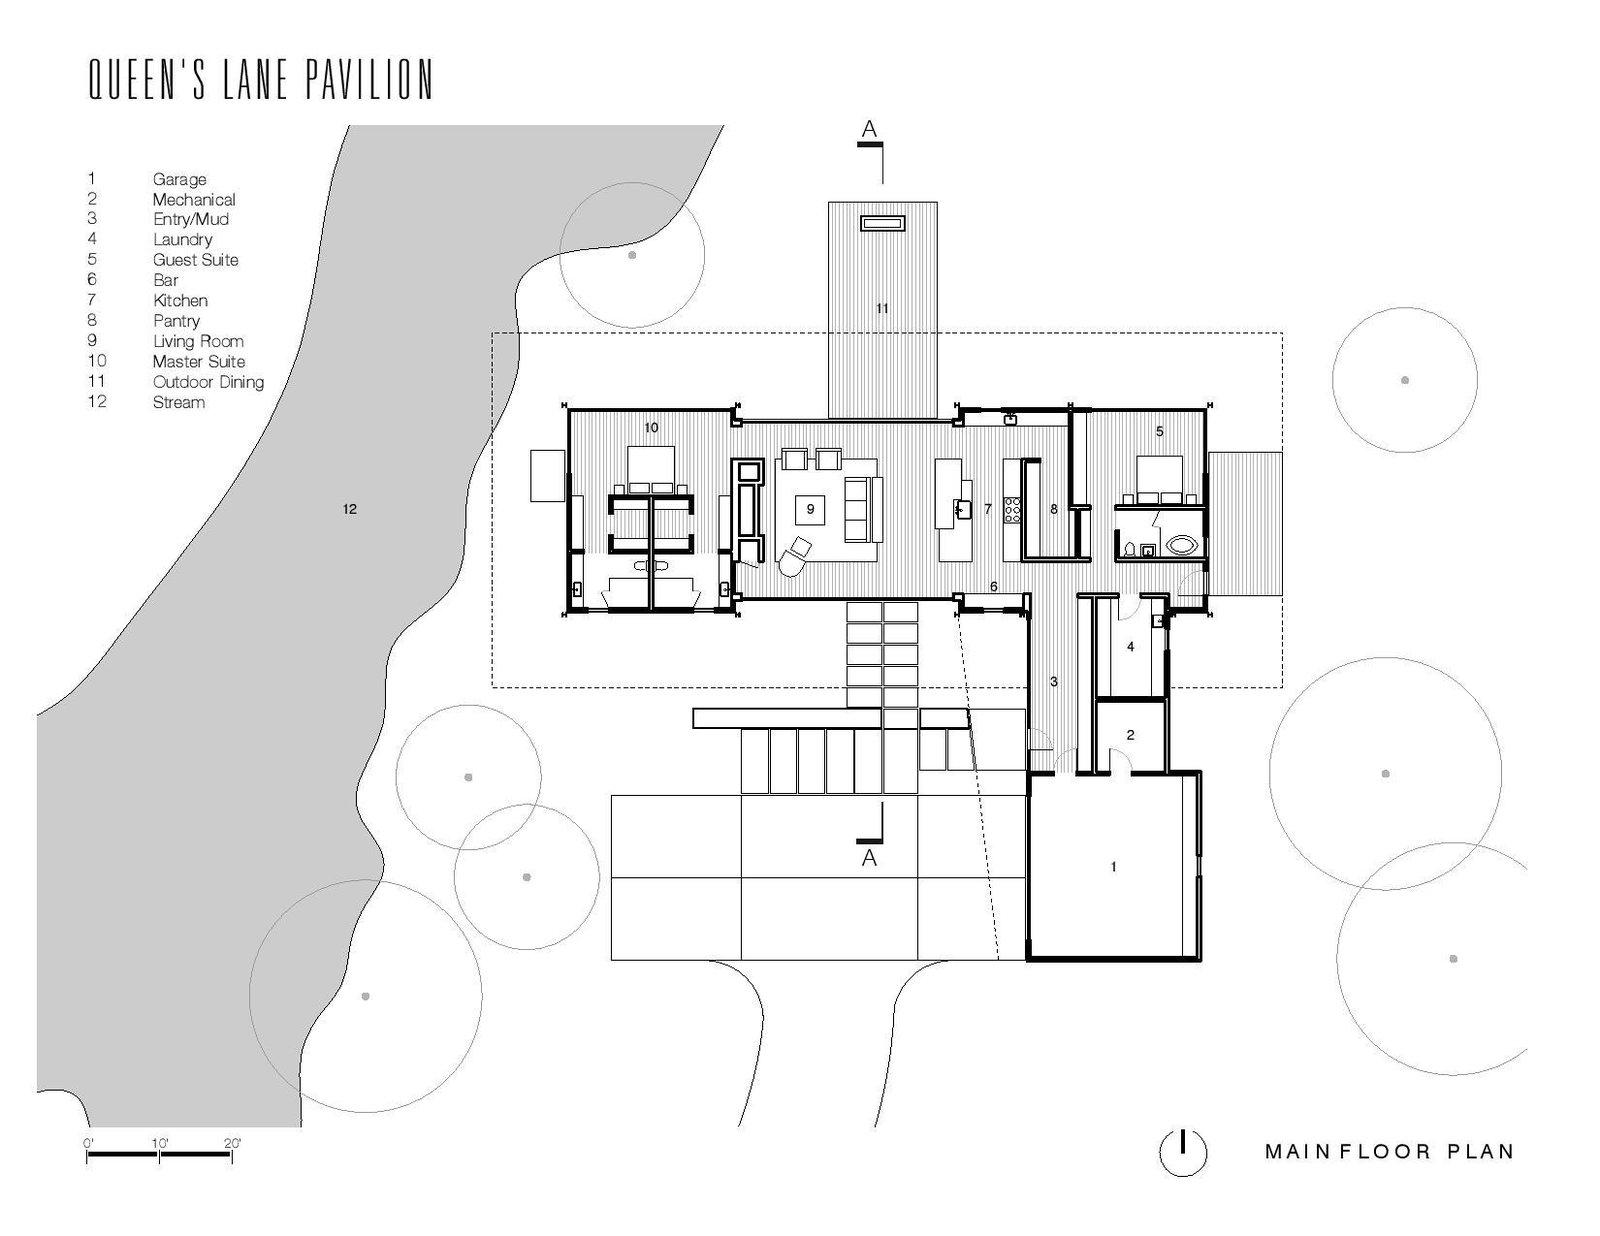 Queen's Lane Pavilion main floor plan